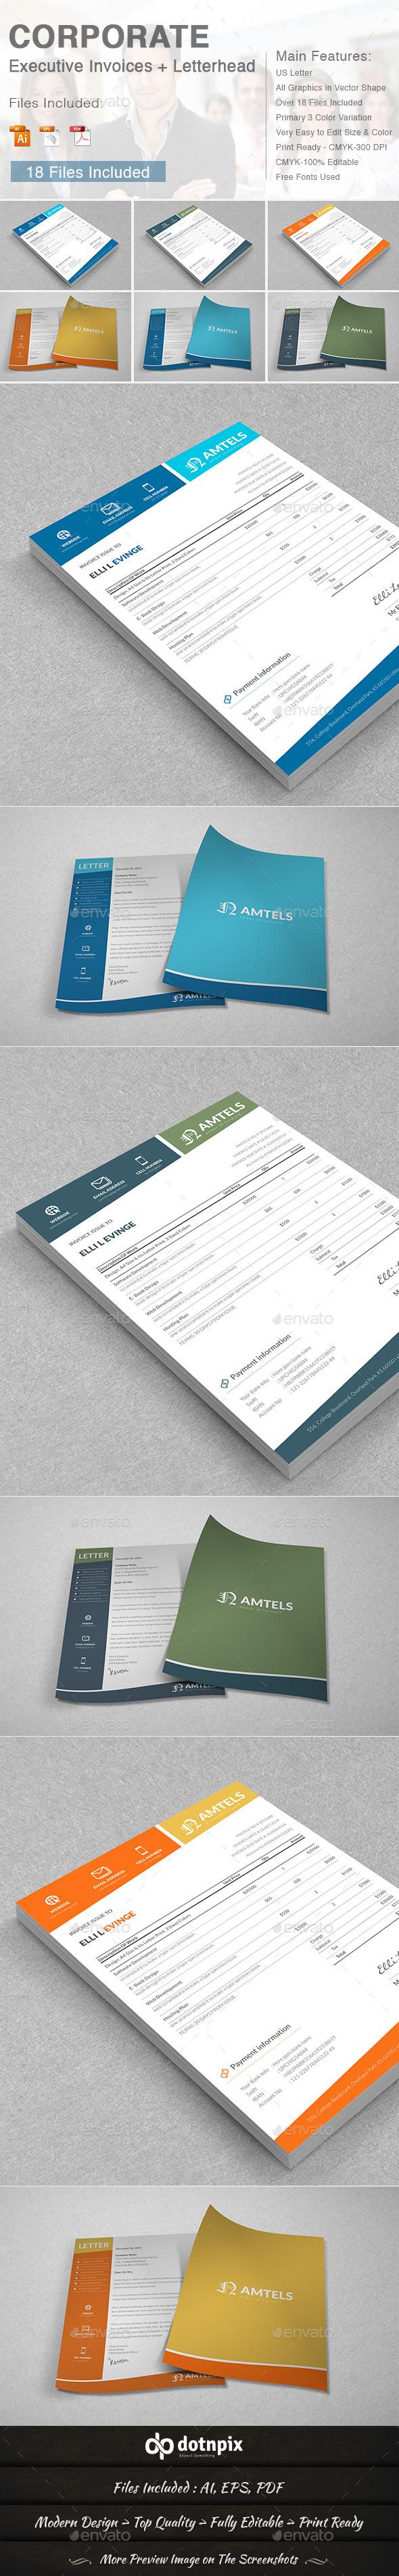 GraphicRiver Corporate Executive Invoices & Letterhead 11274965